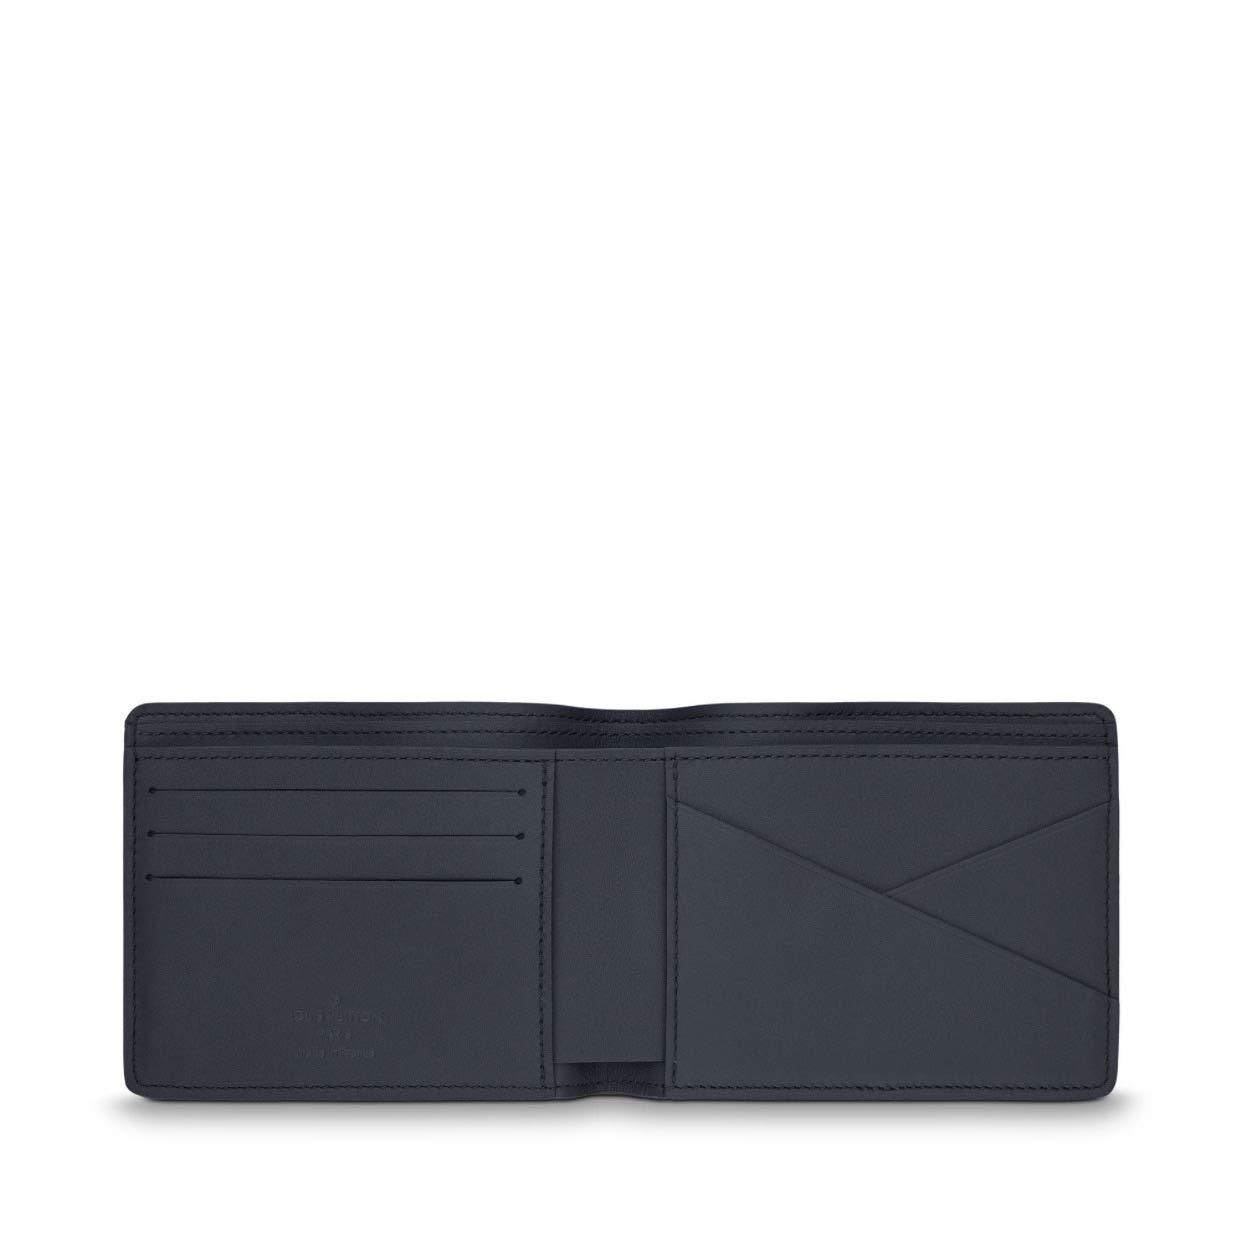 Amazon.com: Louis Vuitton Damier Infini - Cartera de piel, M ...